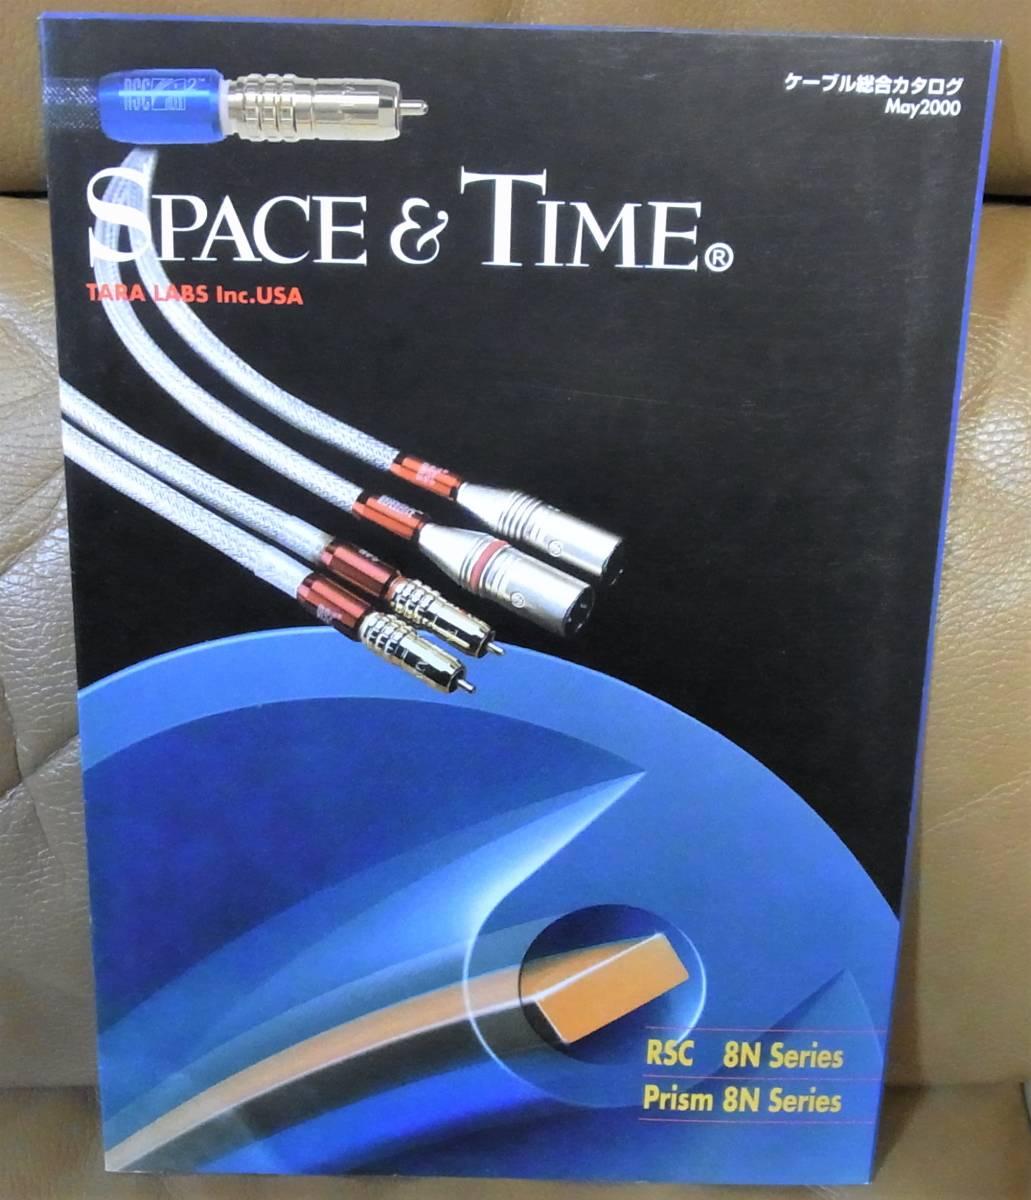 【即決・送料無料】TARA LABS SPACE&TIME ケーブル総合カタログ May 2000 1部 _画像1